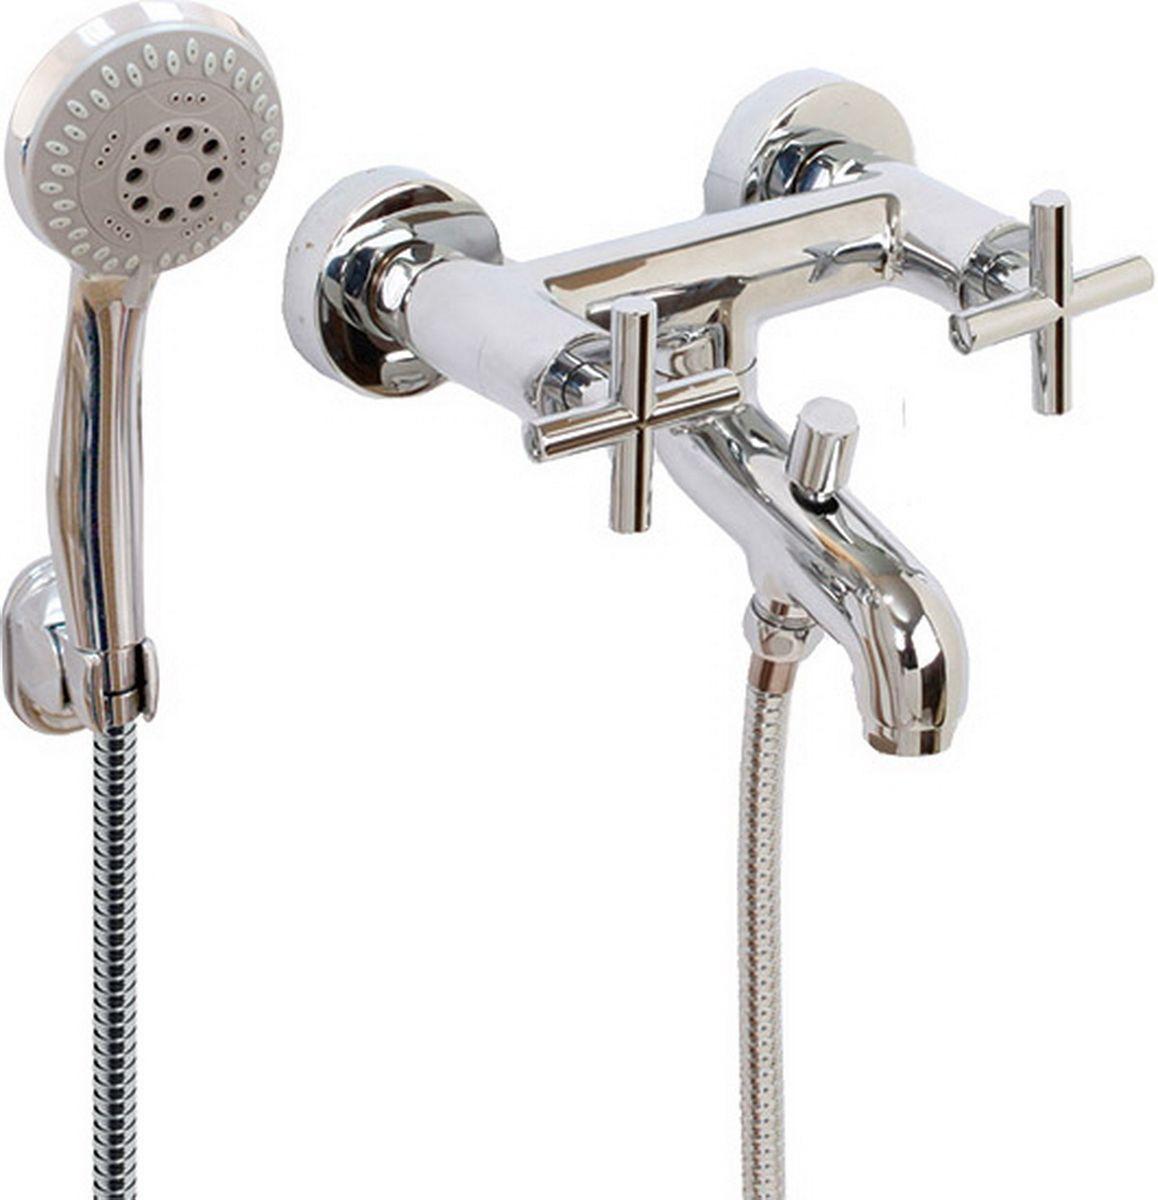 """Смеситель для ванны Argo York, керамический, 1/226653Смеситель для ванны Argo York предназначен для смешивания холодной и горячей воды, устанавливается на стену. Выполнен из высококачественной латуни с покрытием из хрома.Запорный механизм: кран букса 1/2"""" 90° Керамика 7,7х20.Тип дайвотера: штоковый.Аэратор: ячейковый М28х1 Perlator Honycomb 16-20 л/мин при 0,3 МПа.Крепеж: эксцентрик усиленный 3/4 x 1/2 + прокладка-фильтр."""